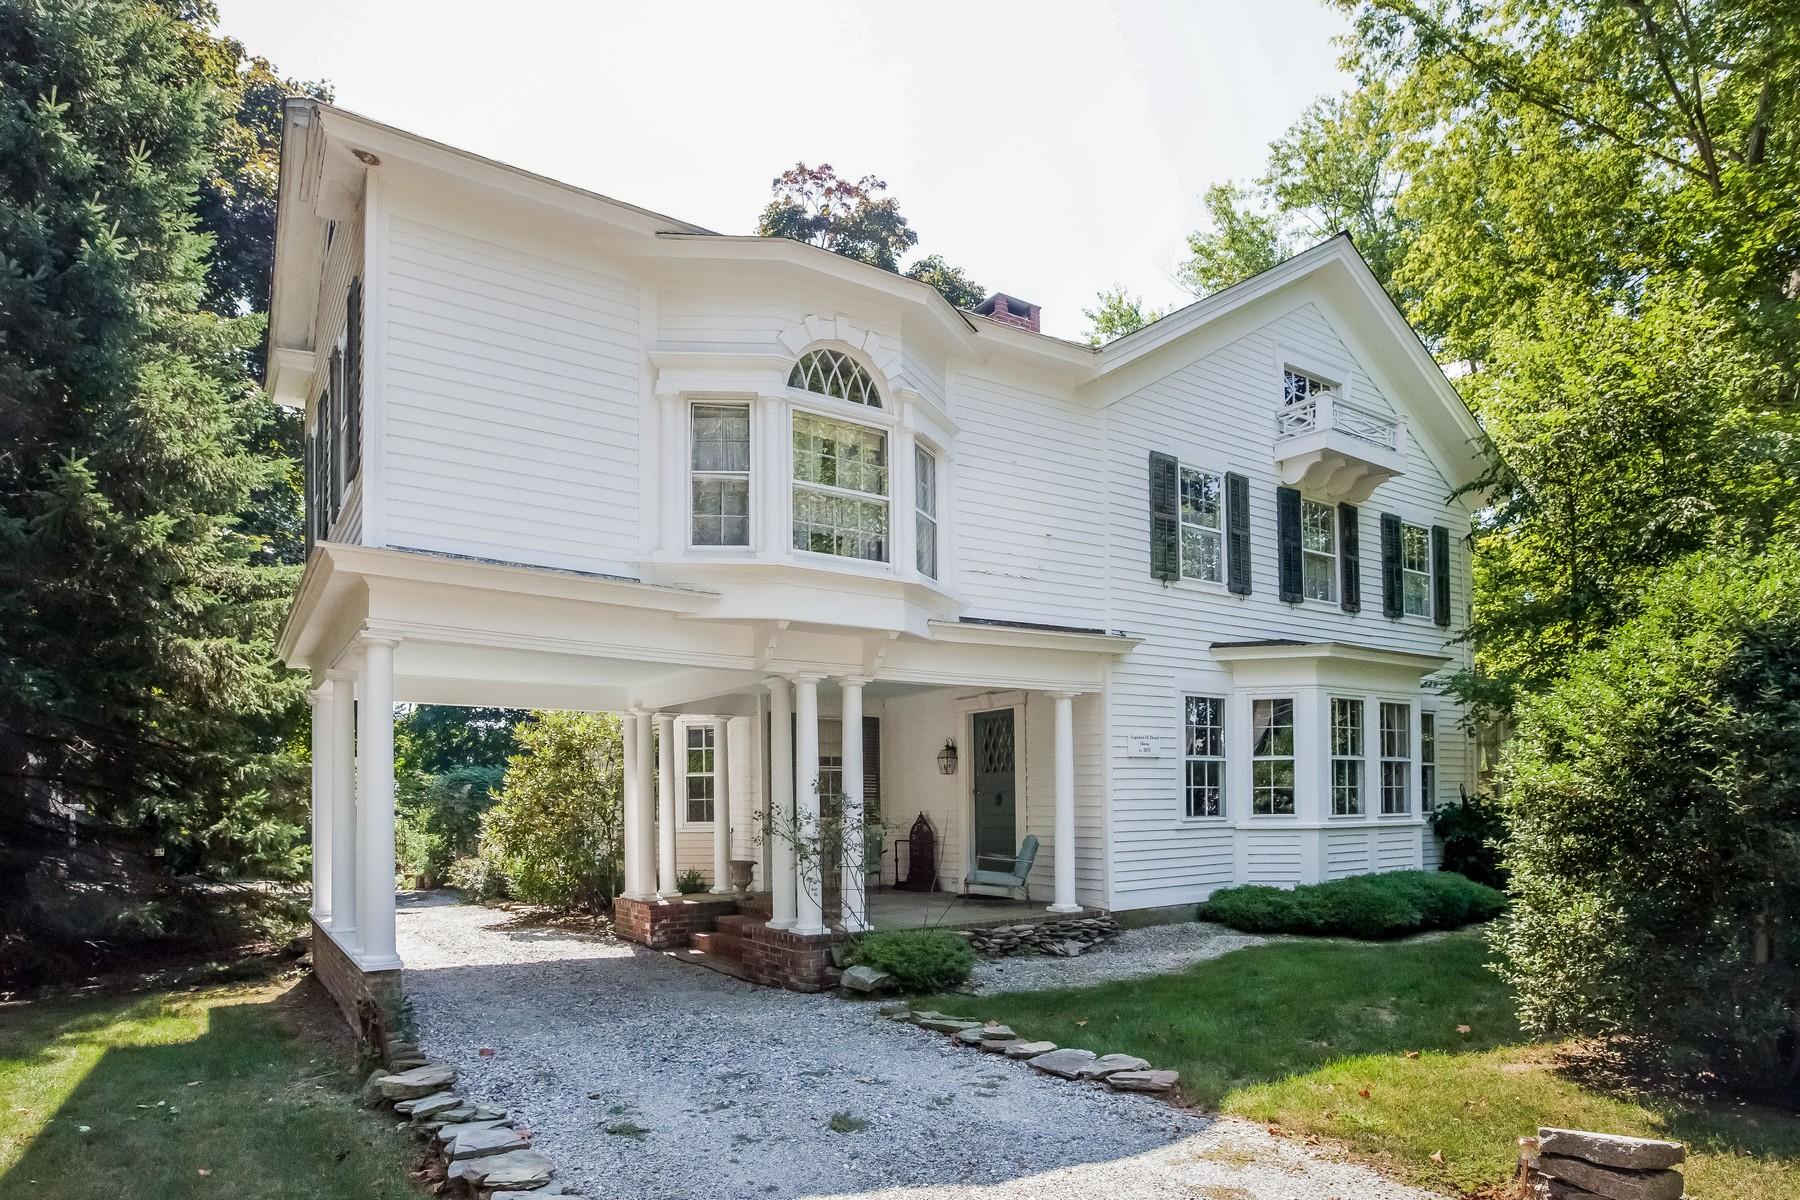 Maison unifamiliale pour l Vente à One of a Kind Historic 1820 Estate 318 Boston Post Rd Madison, Connecticut, 06443 États-Unis